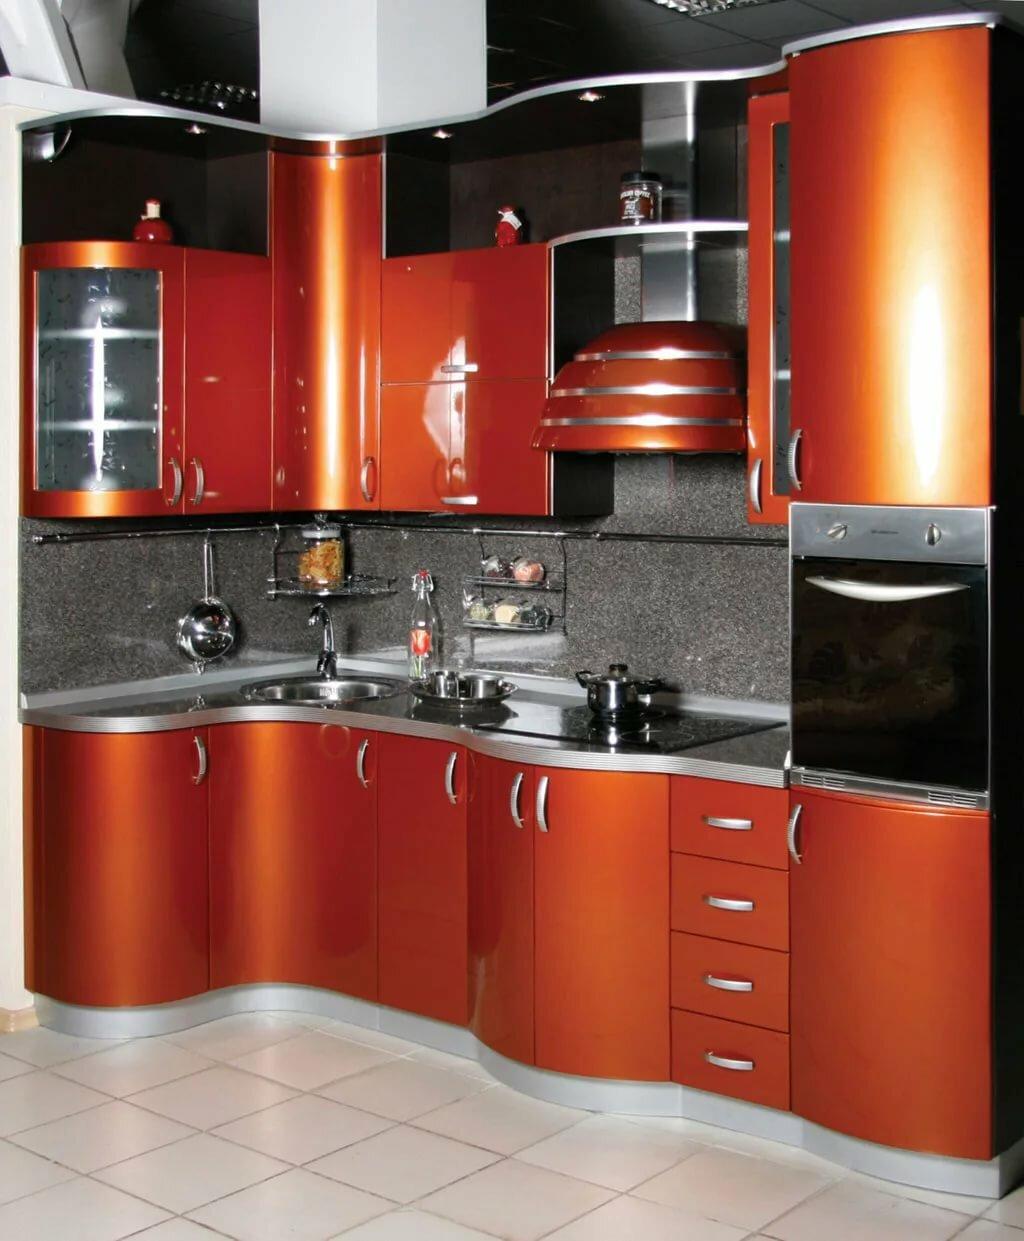 побывал картинки кухонных гарнитуров для маленькой кухни угловые фото было моды артистов